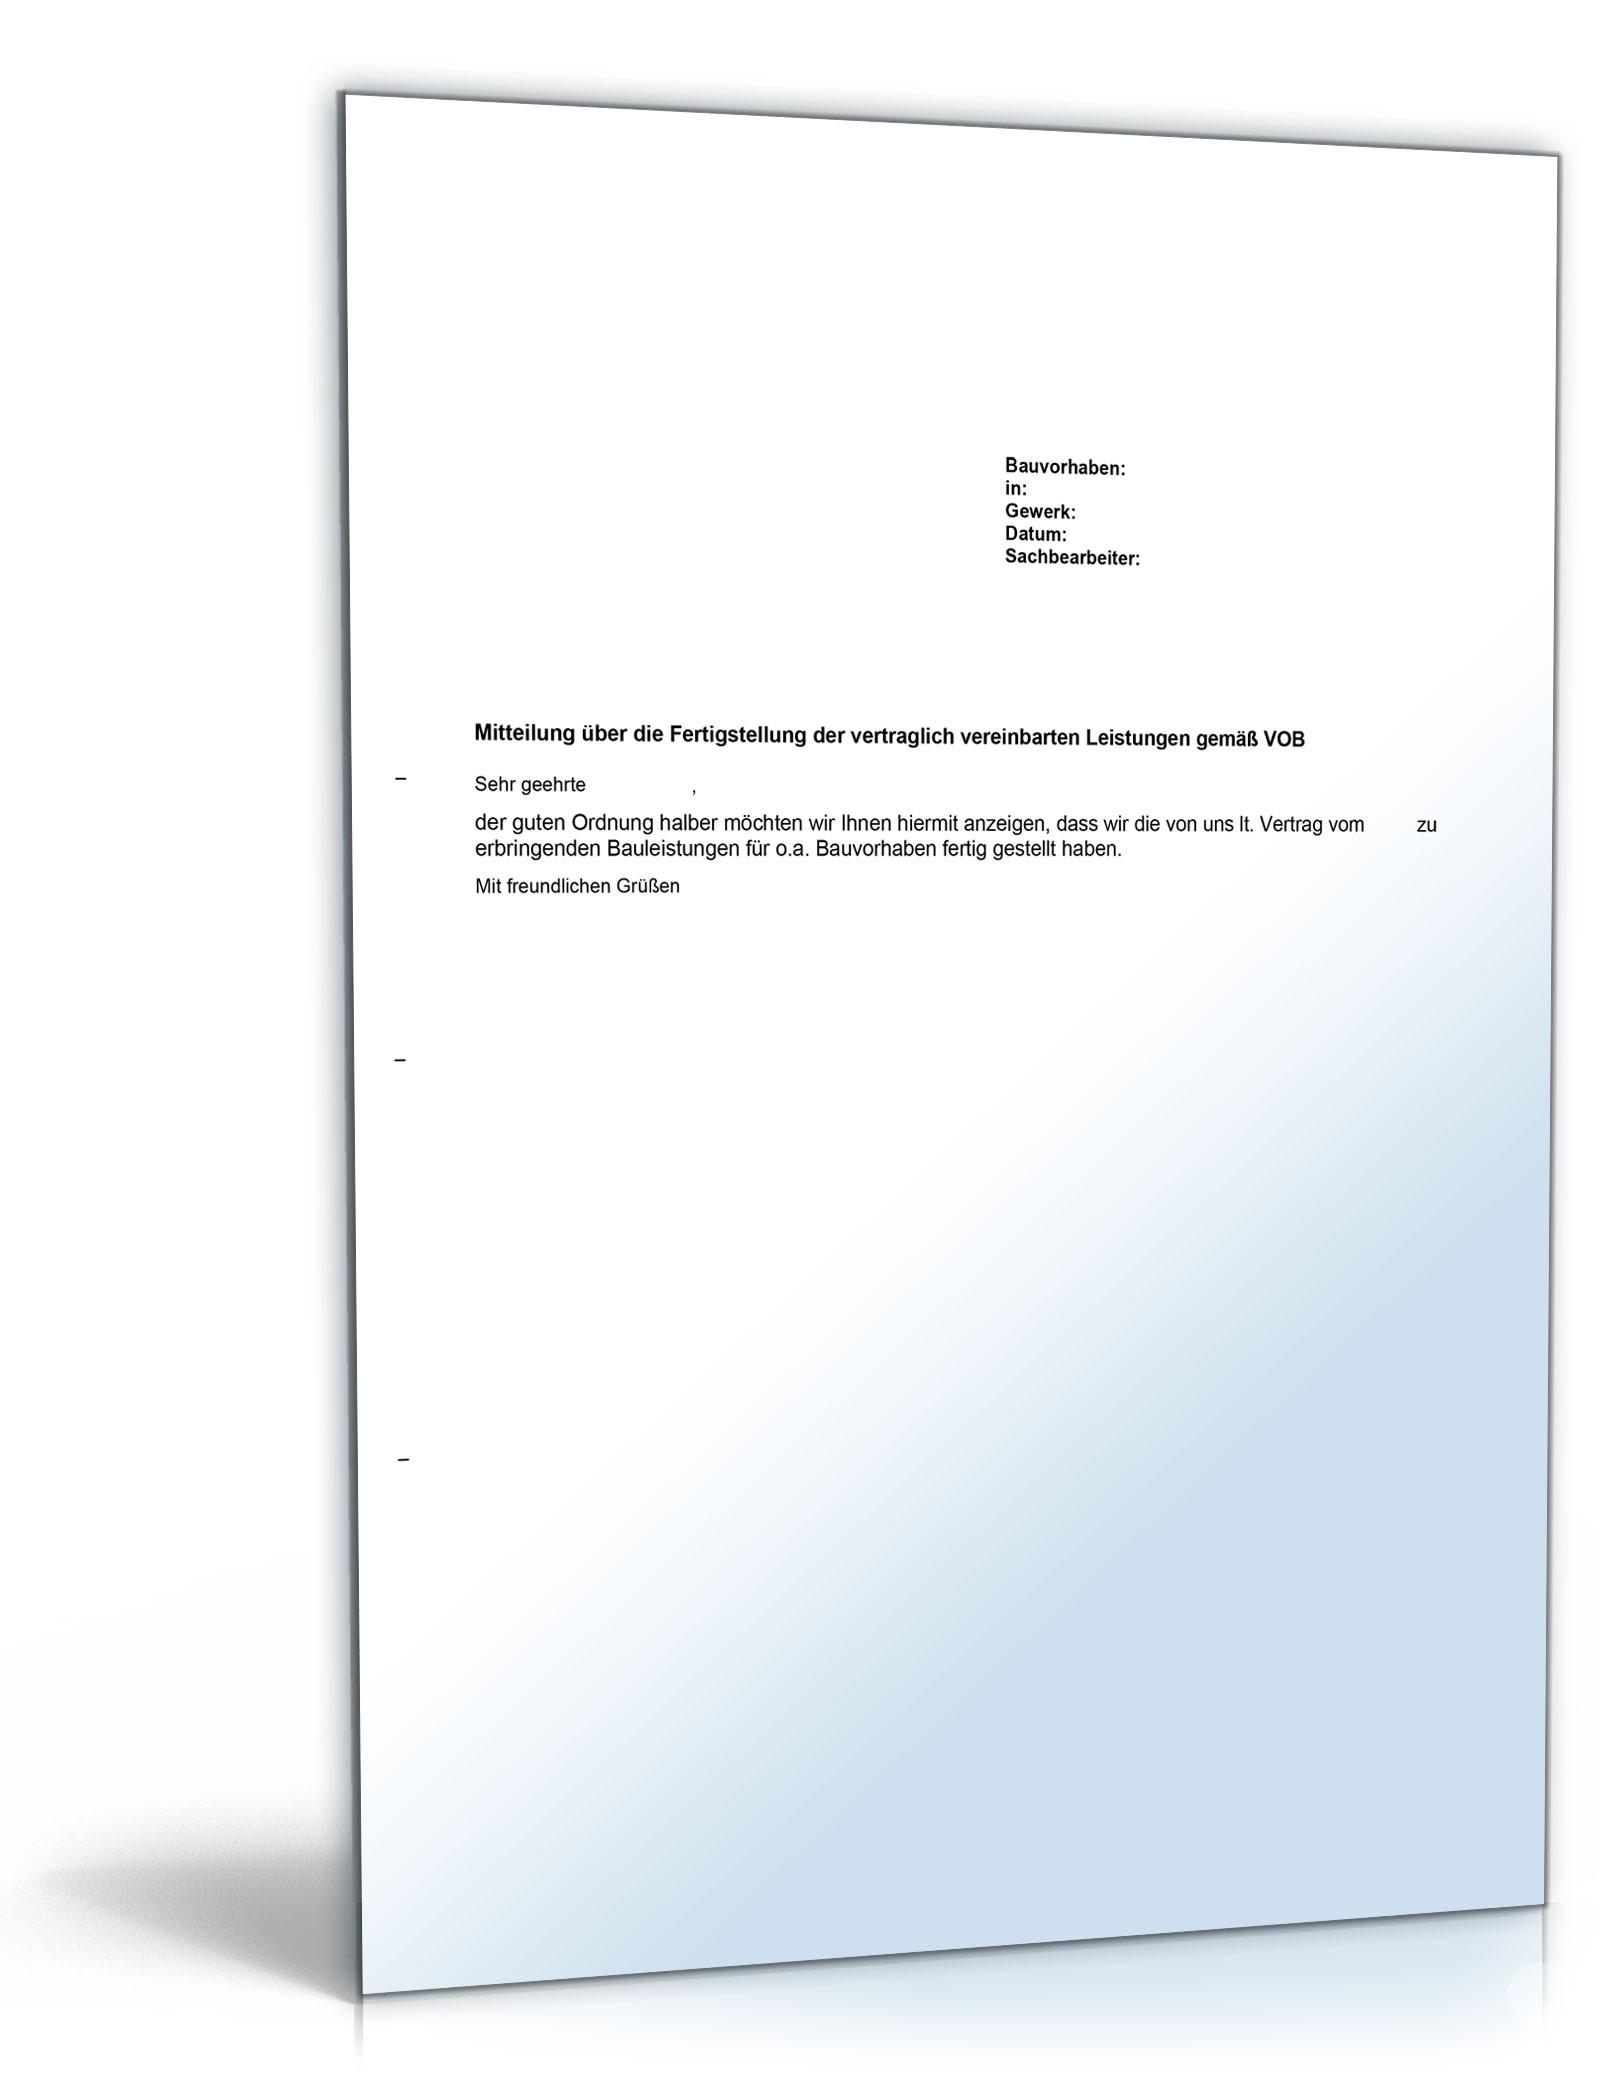 Fertigstellungsmeldung (VOB-Vertrag) – Muster zum Download